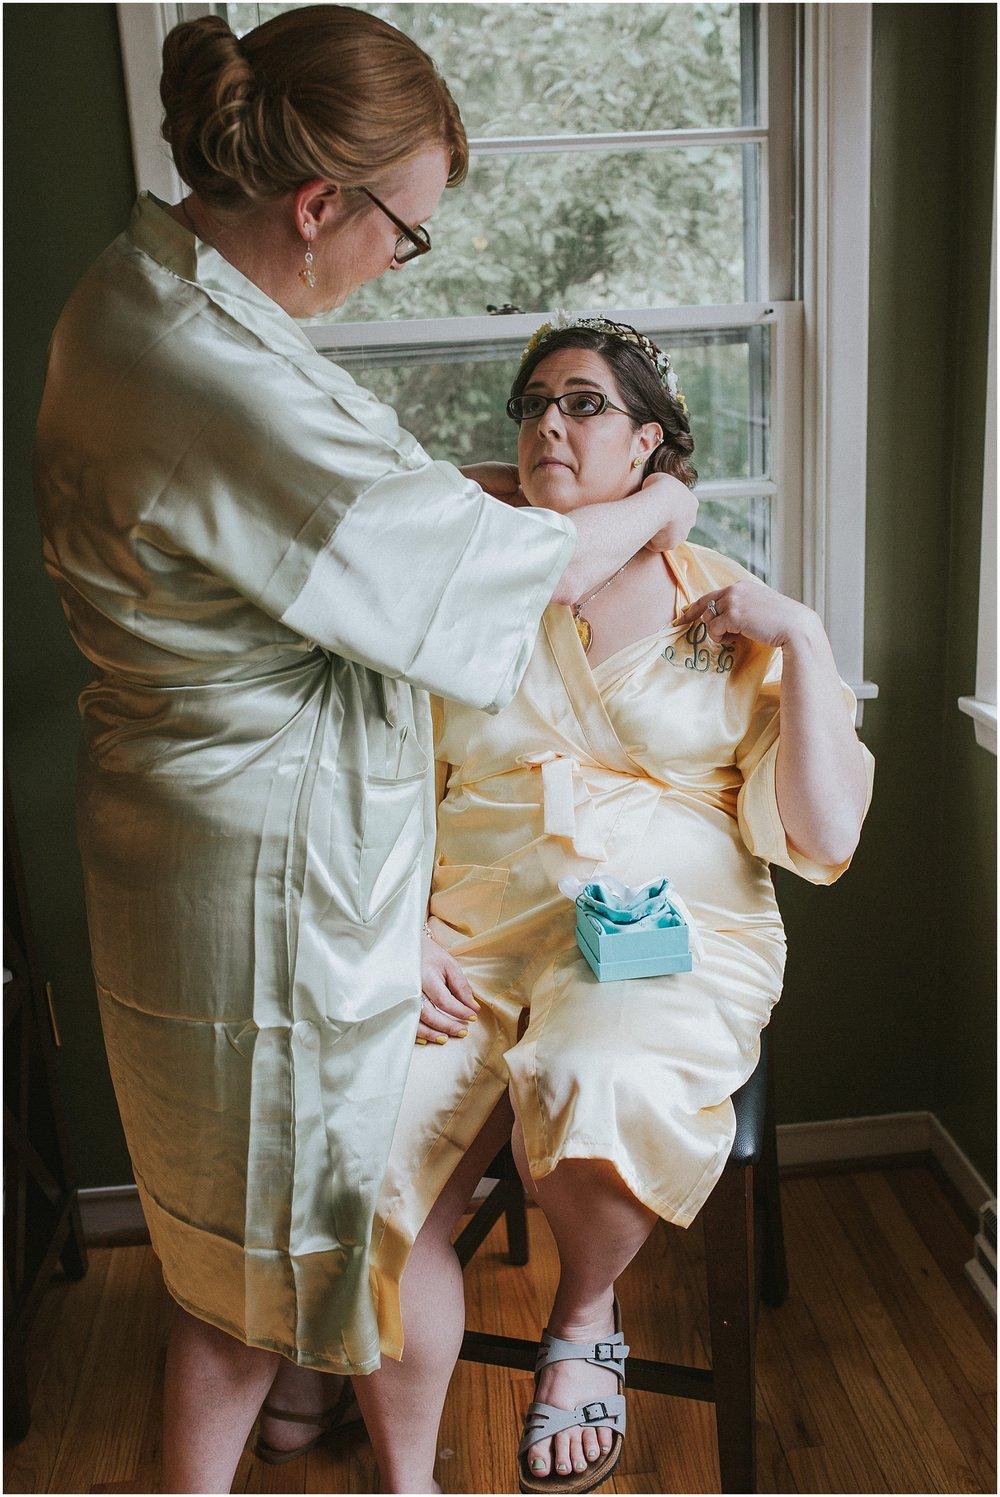 Reading-Pennsylvania-Outdoor-Wedding-DIY-Bride-Groom-Dancing-Laughter-Reception (17).jpg